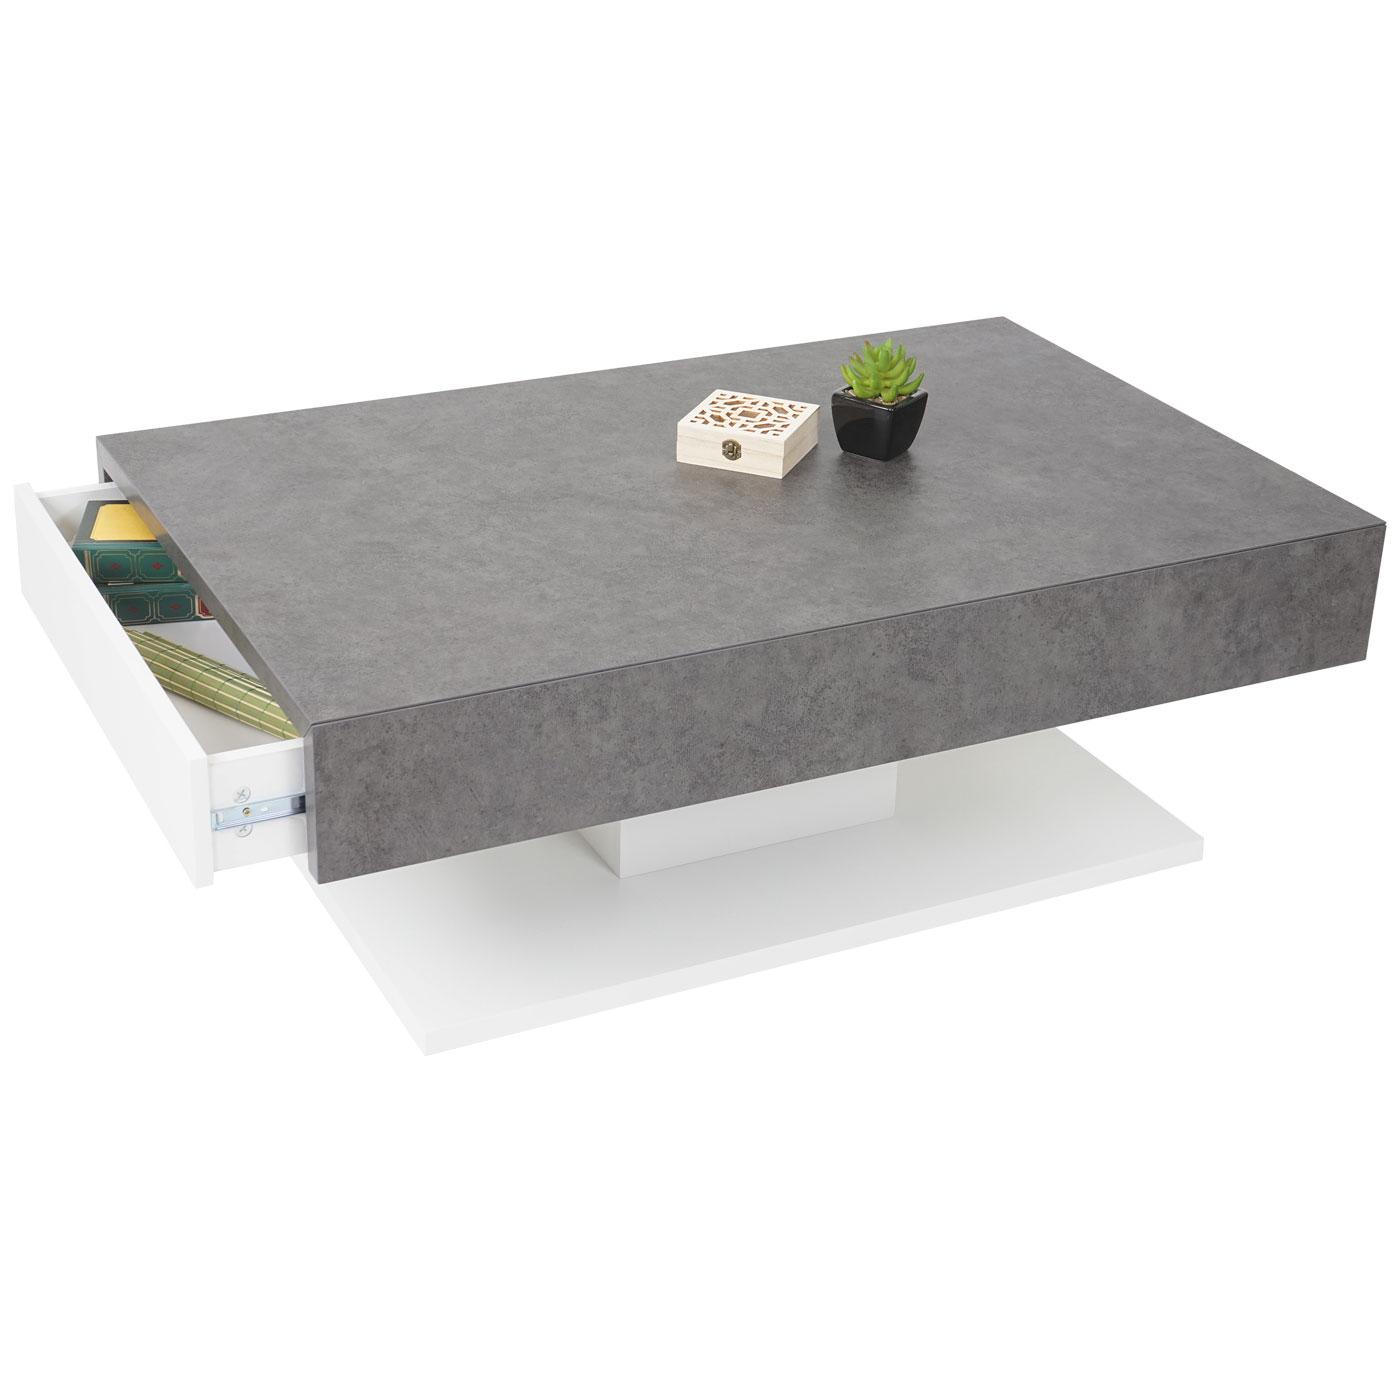 mca couchtisch hwc a26 wohnzimmertisch beton optik. Black Bedroom Furniture Sets. Home Design Ideas